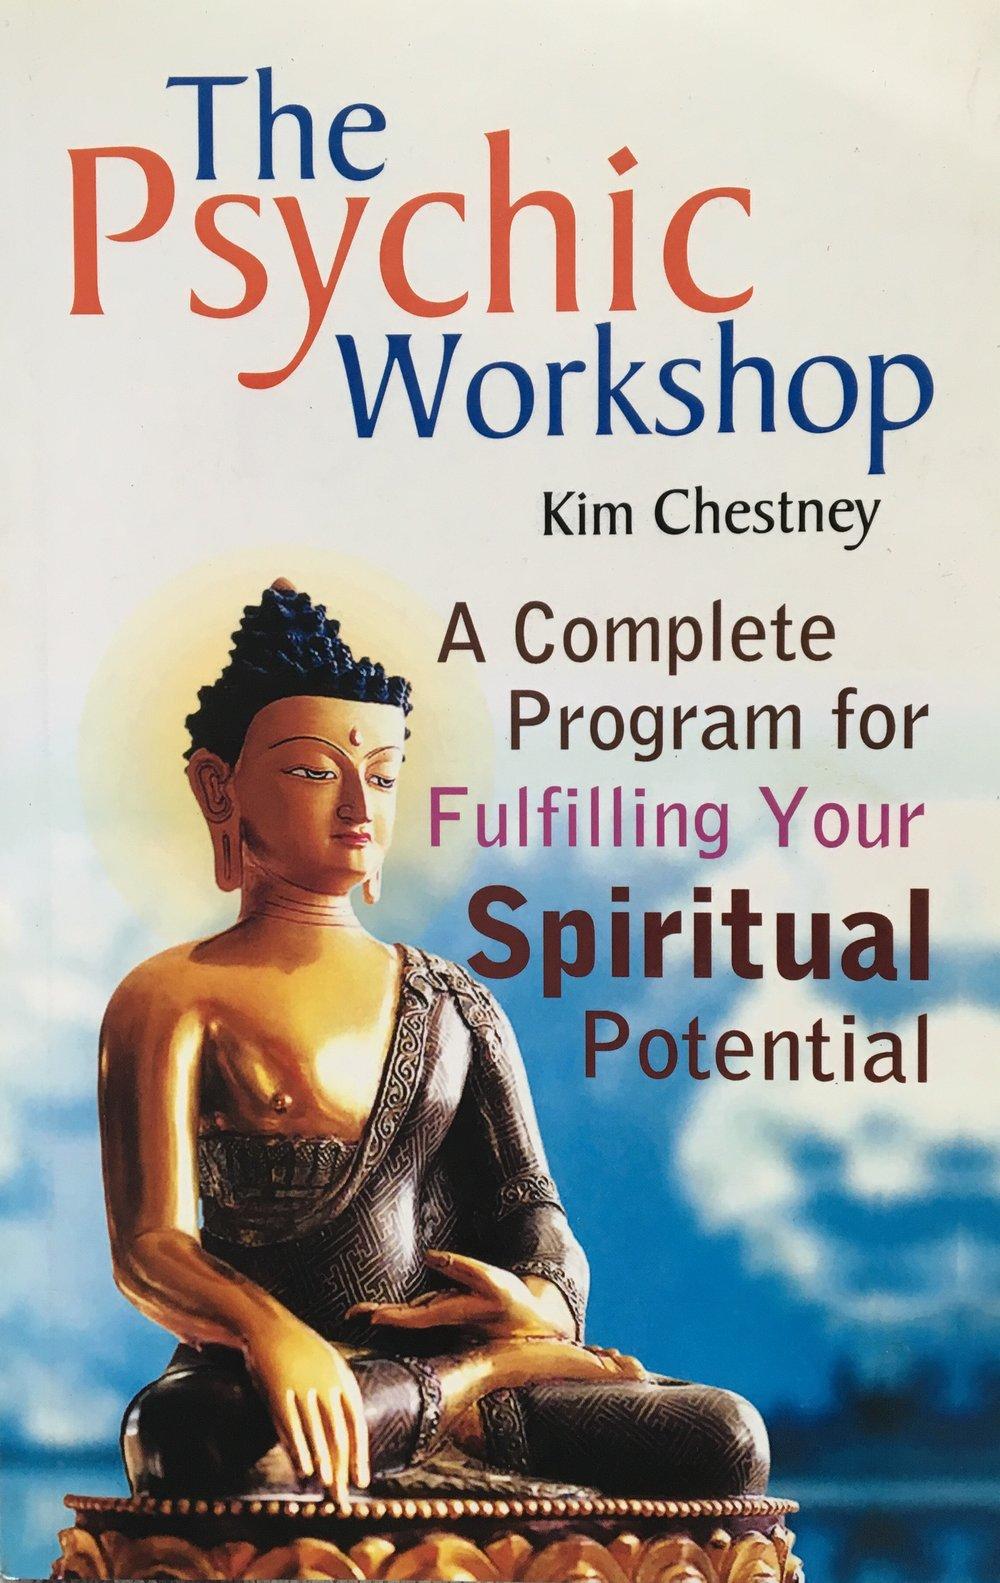 psychic-workshop-kim-chestney.png